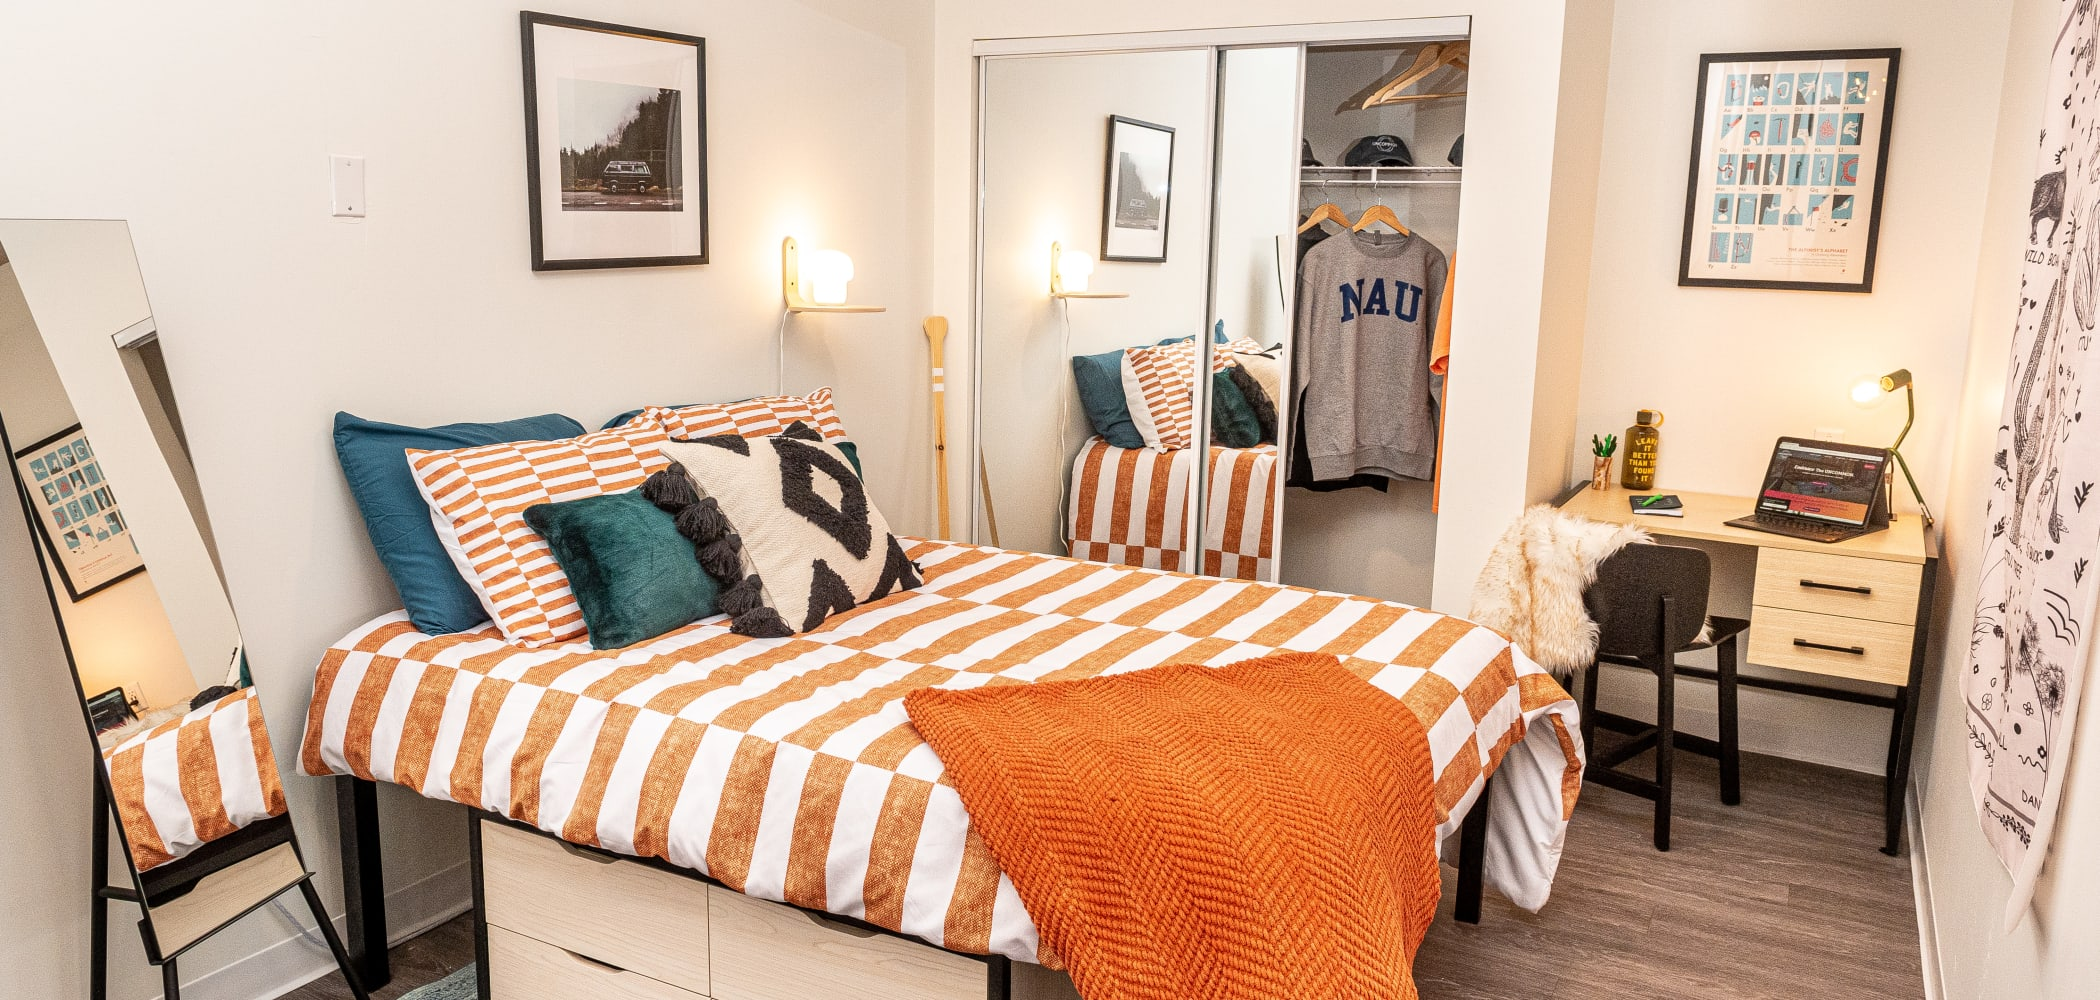 Bedroom at UNCOMMON Flagstaff in Flagstaff, Arizona